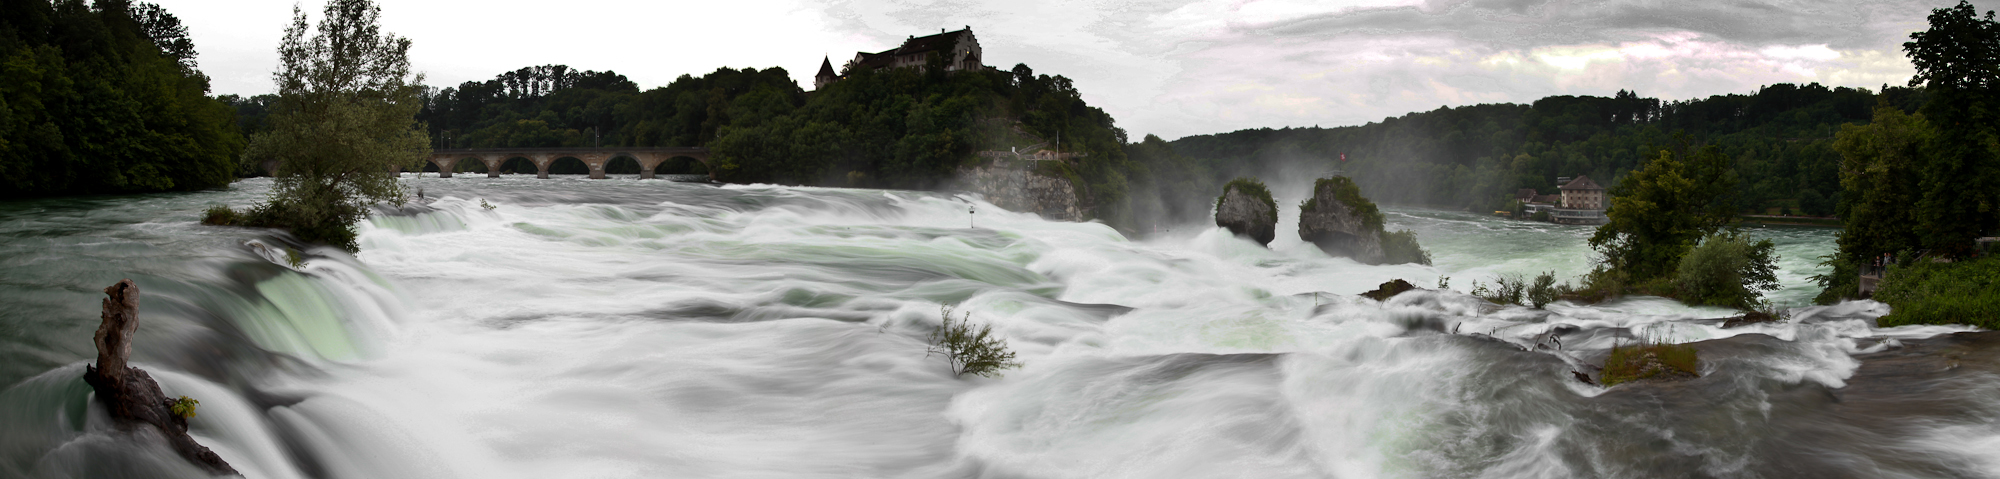 Rheinfall vor dem Gewitter